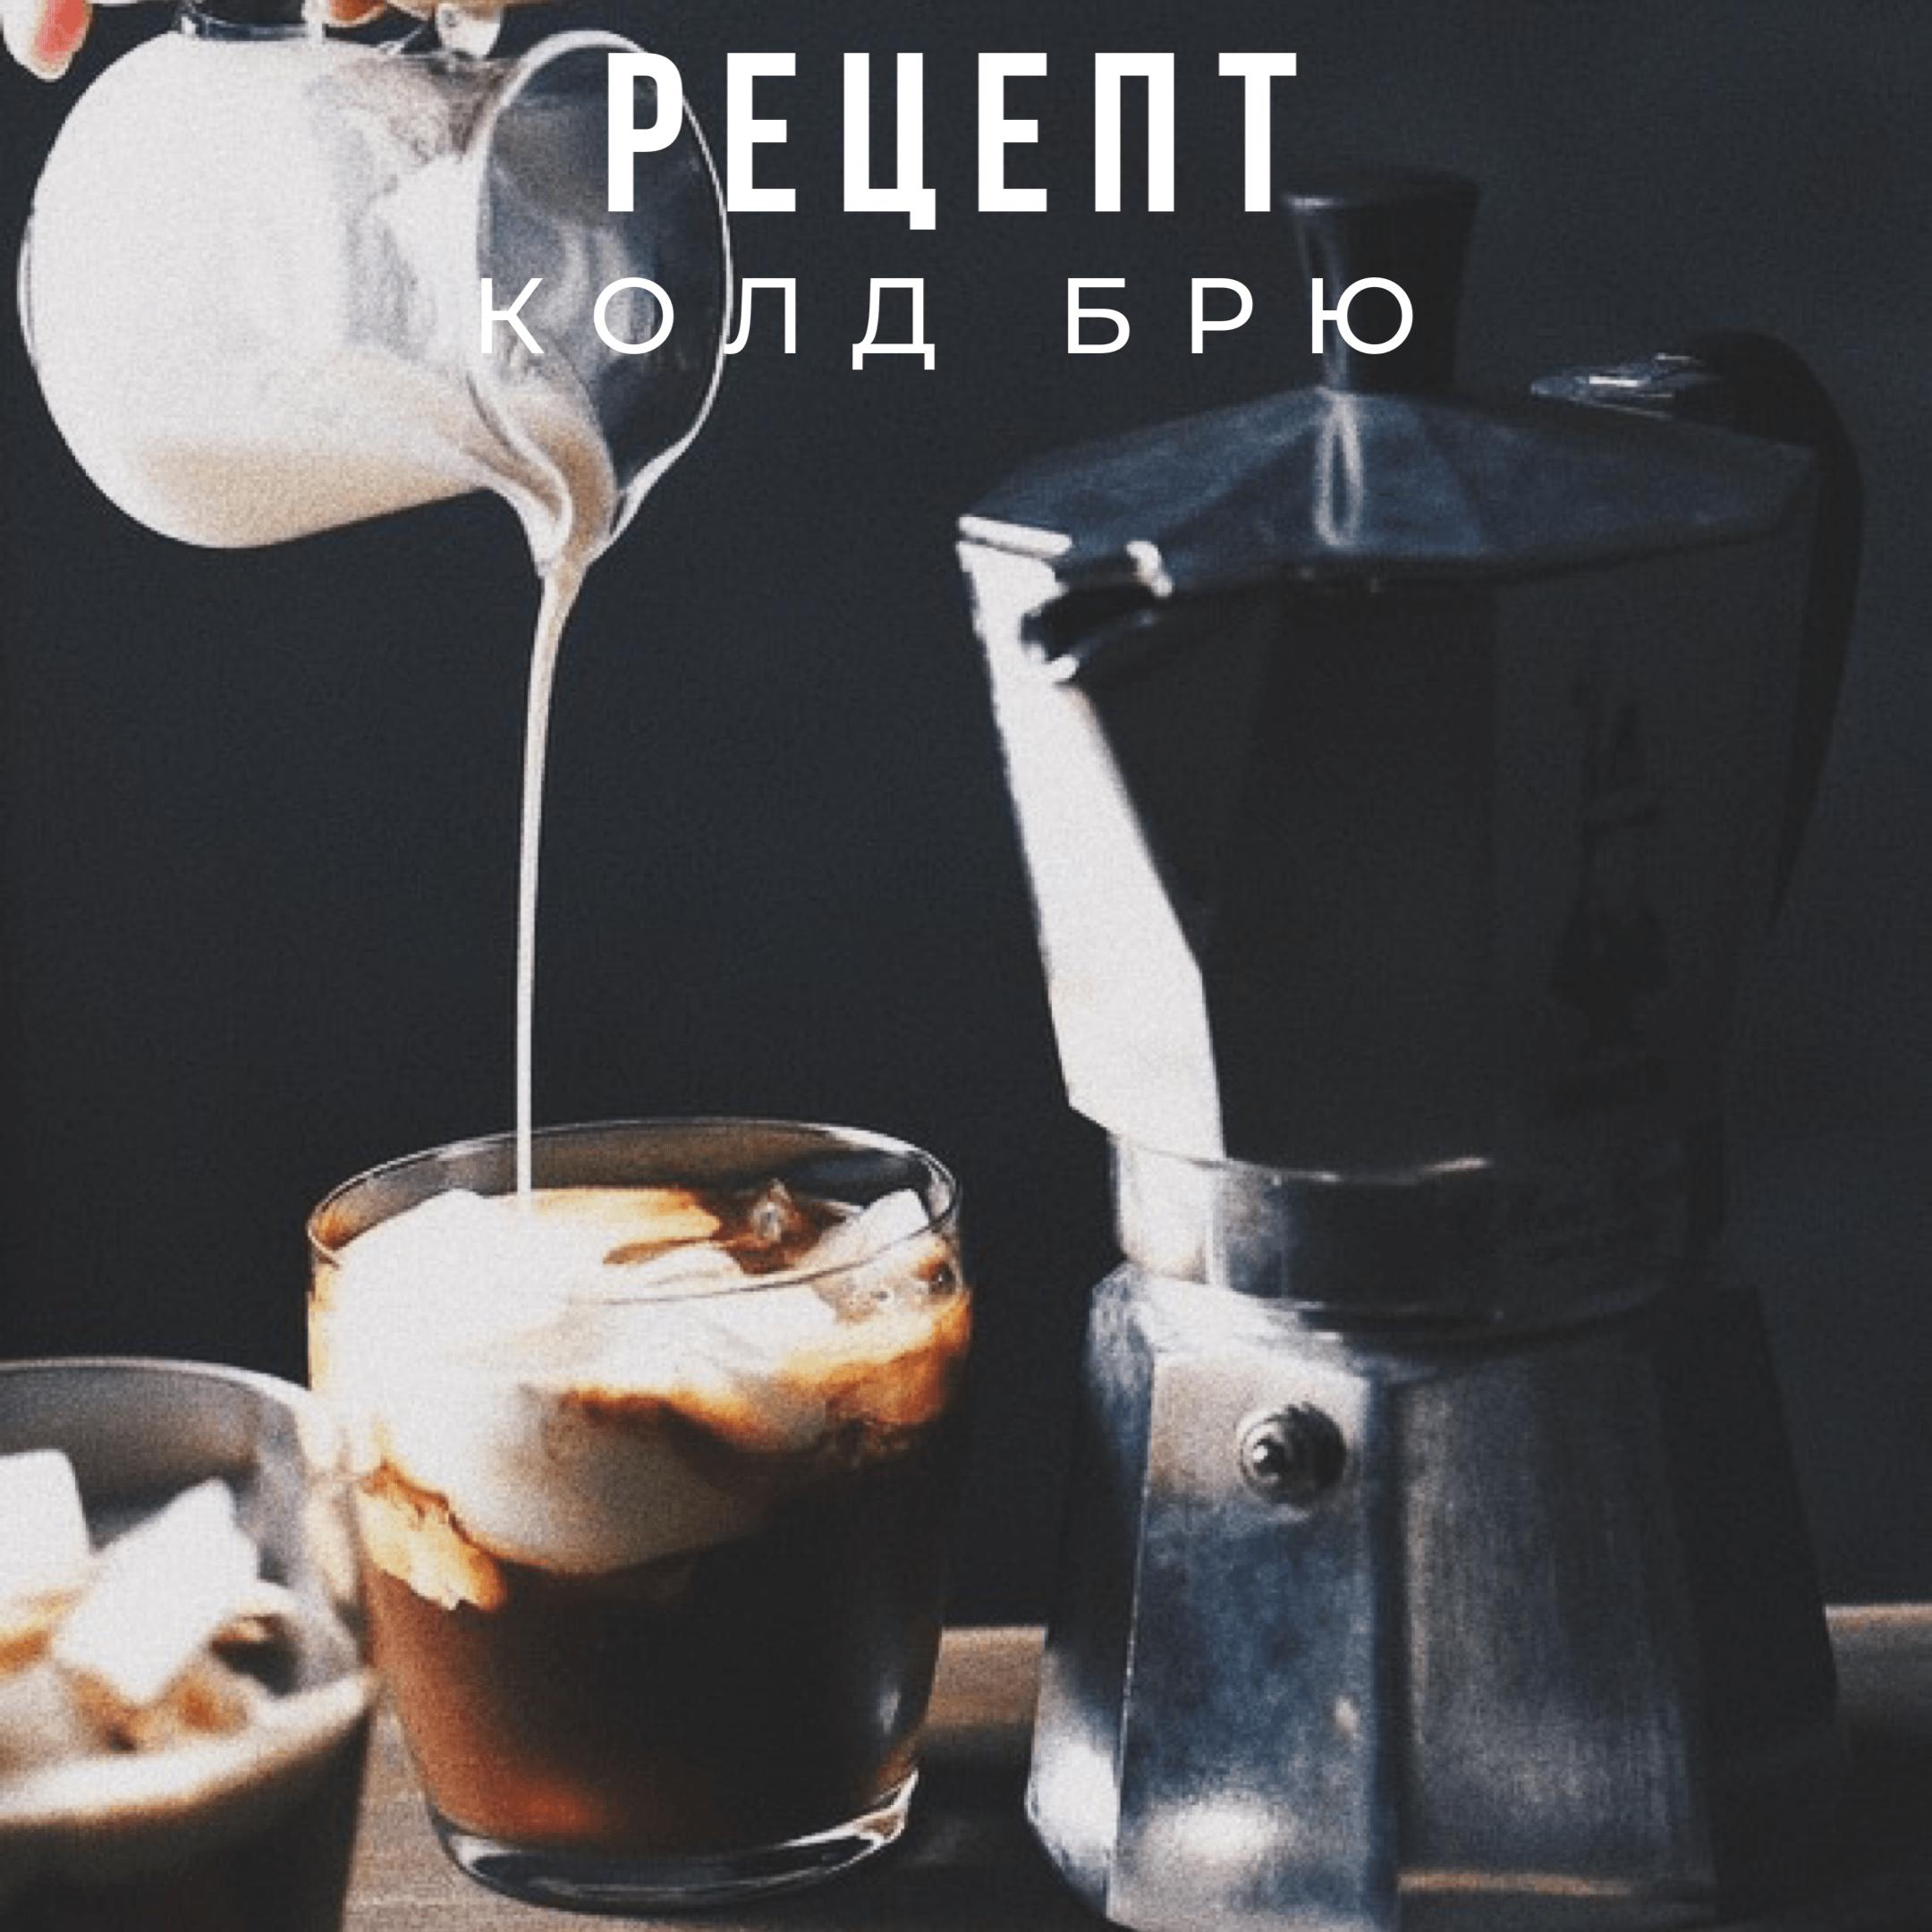 кофе с абрикосовым наполнителем